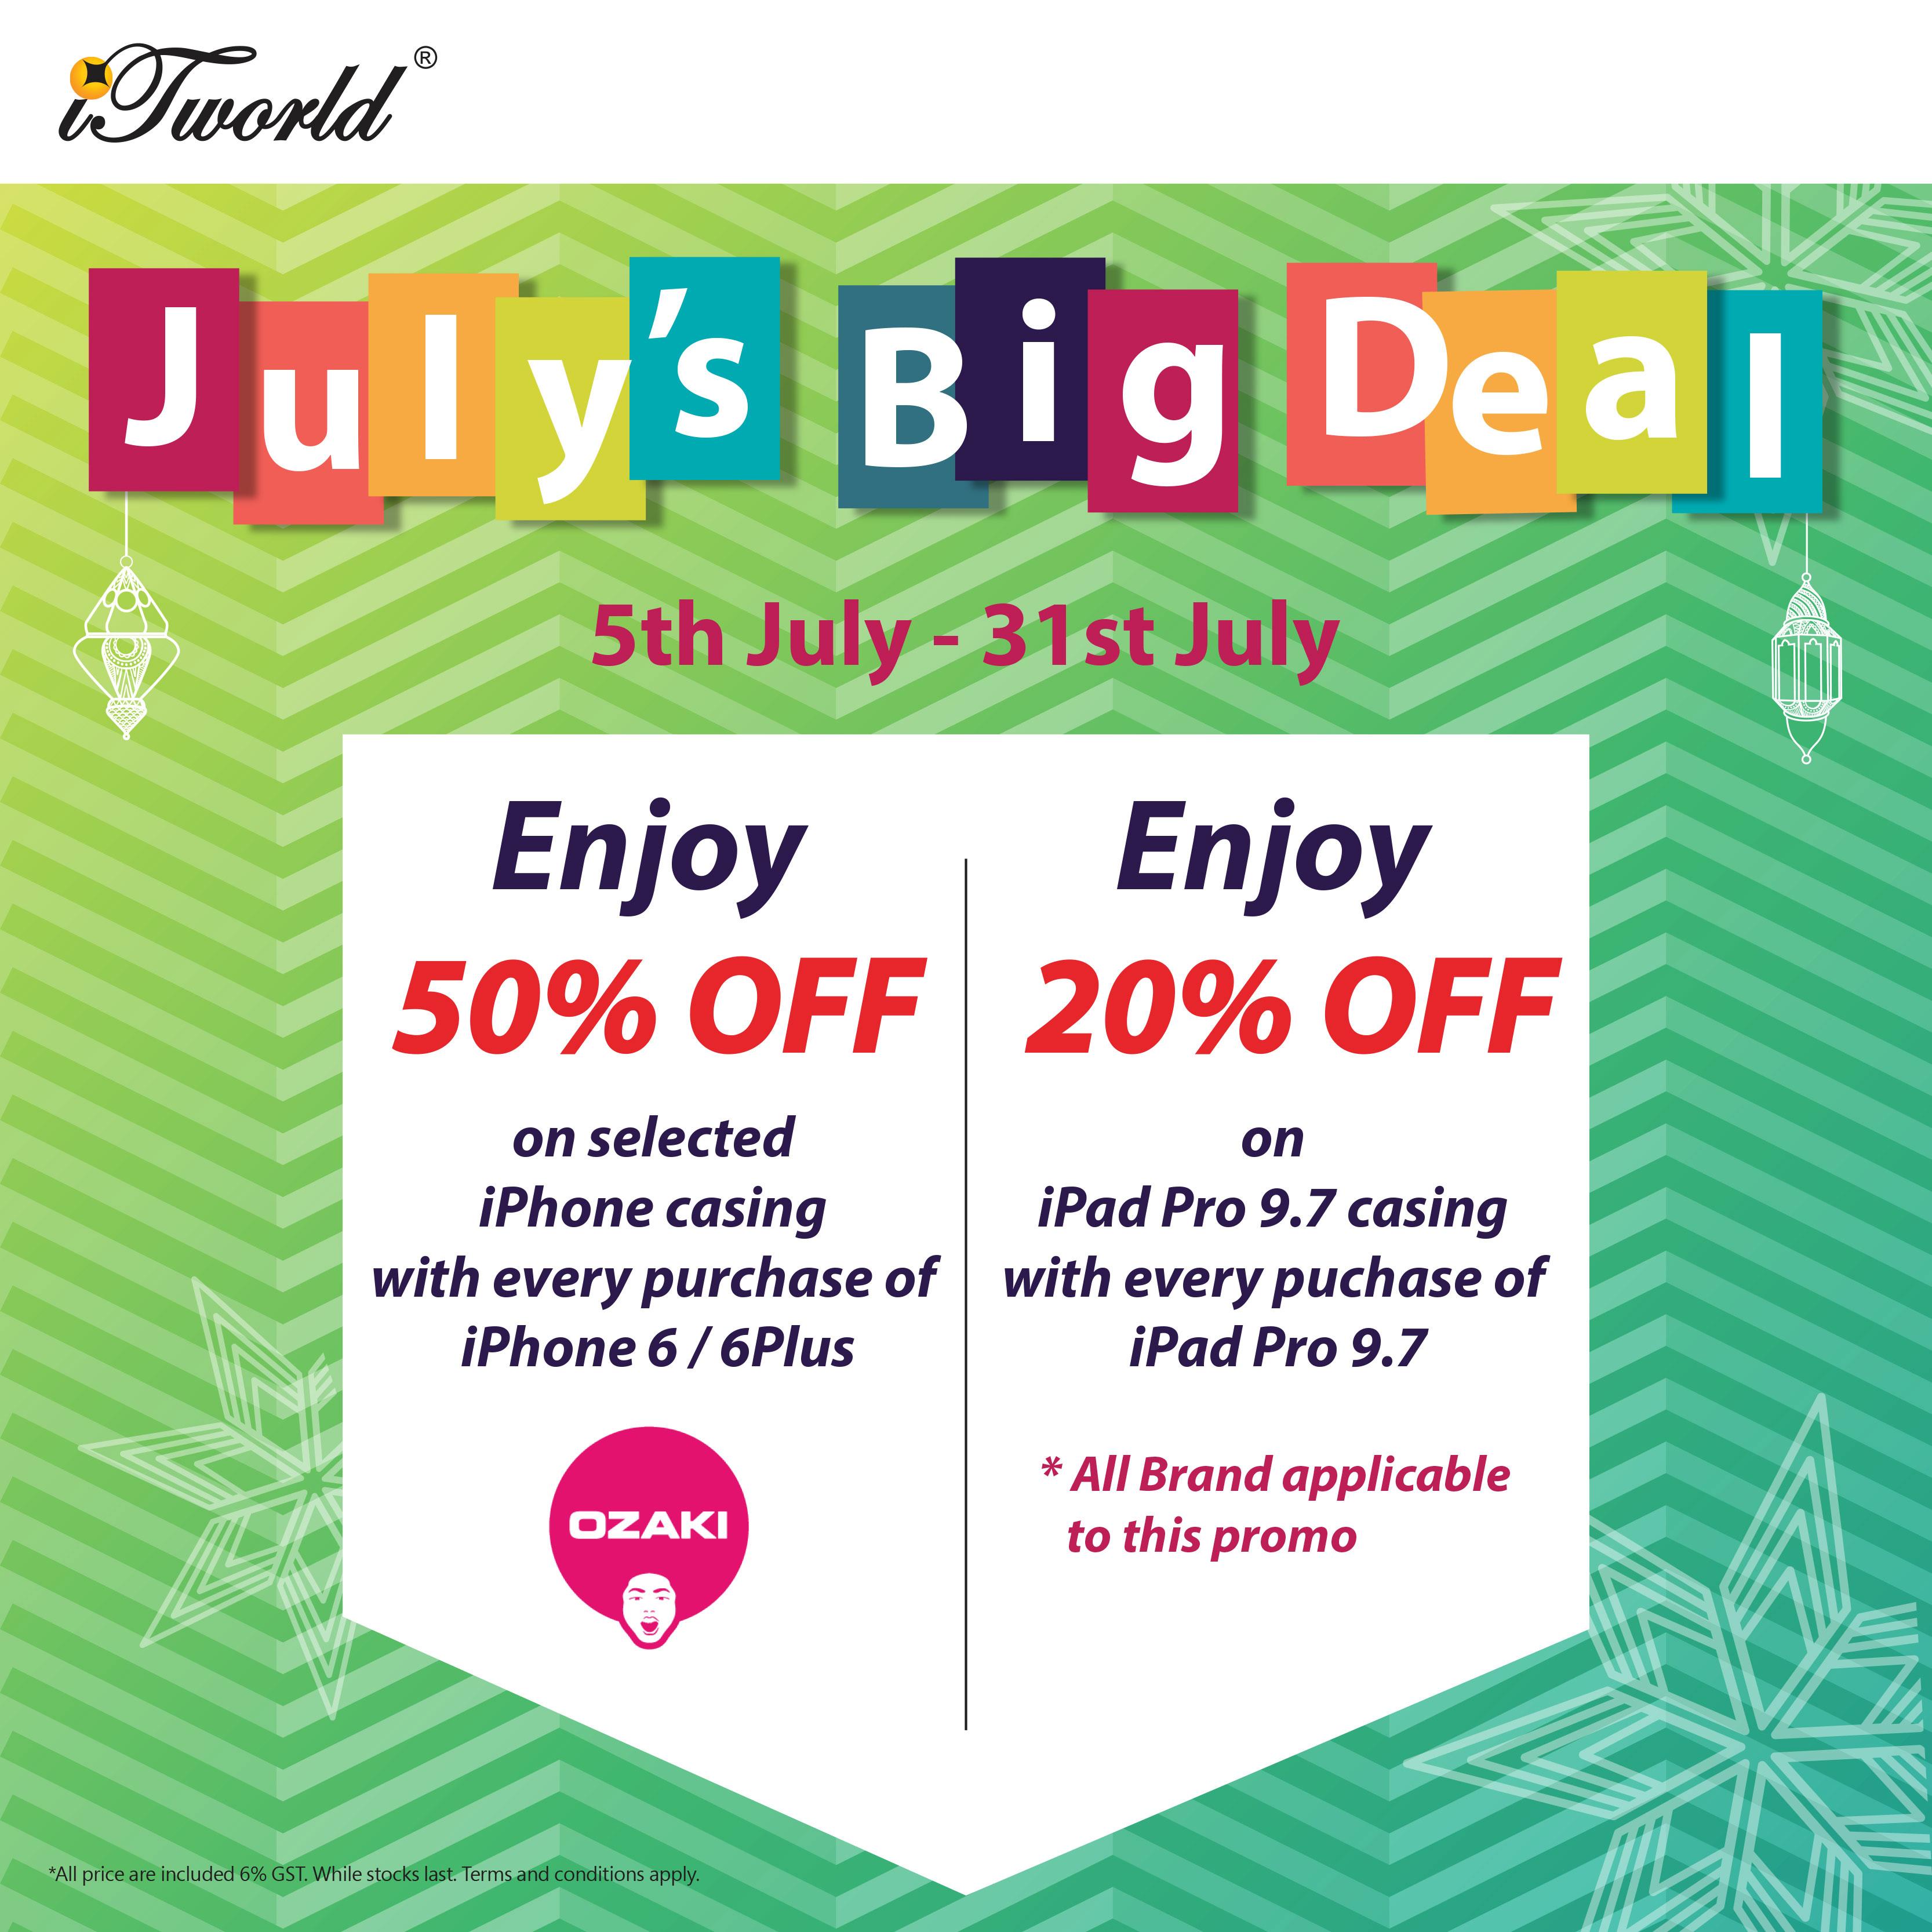 July's Big Deal!